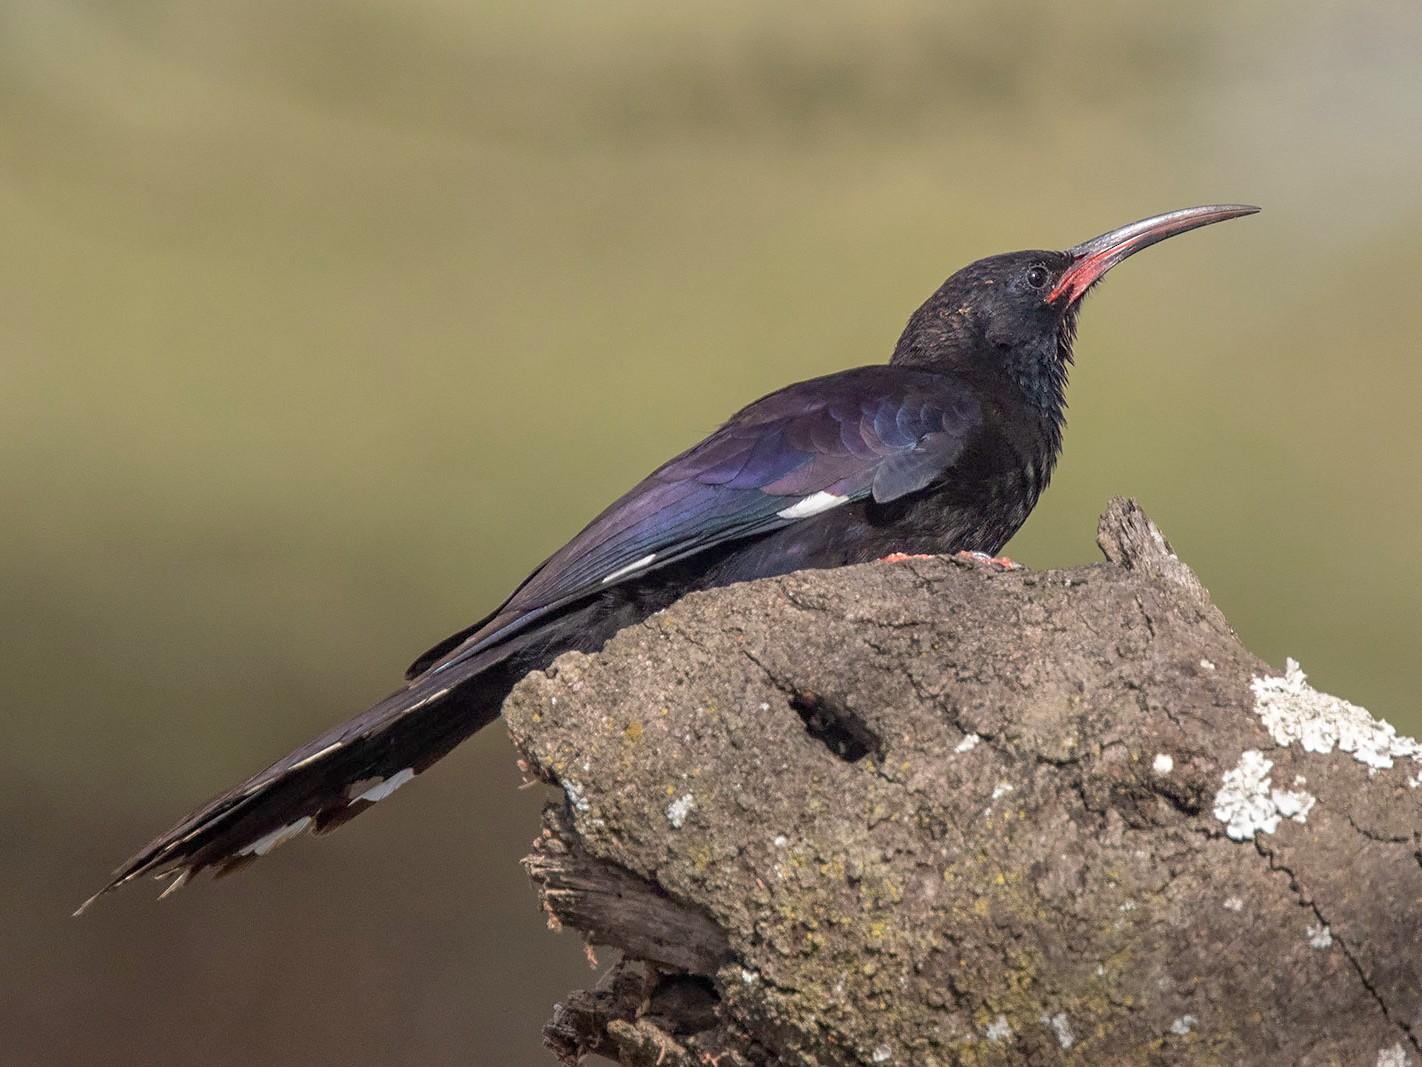 Black-billed Woodhoopoe - Arthur Grosset